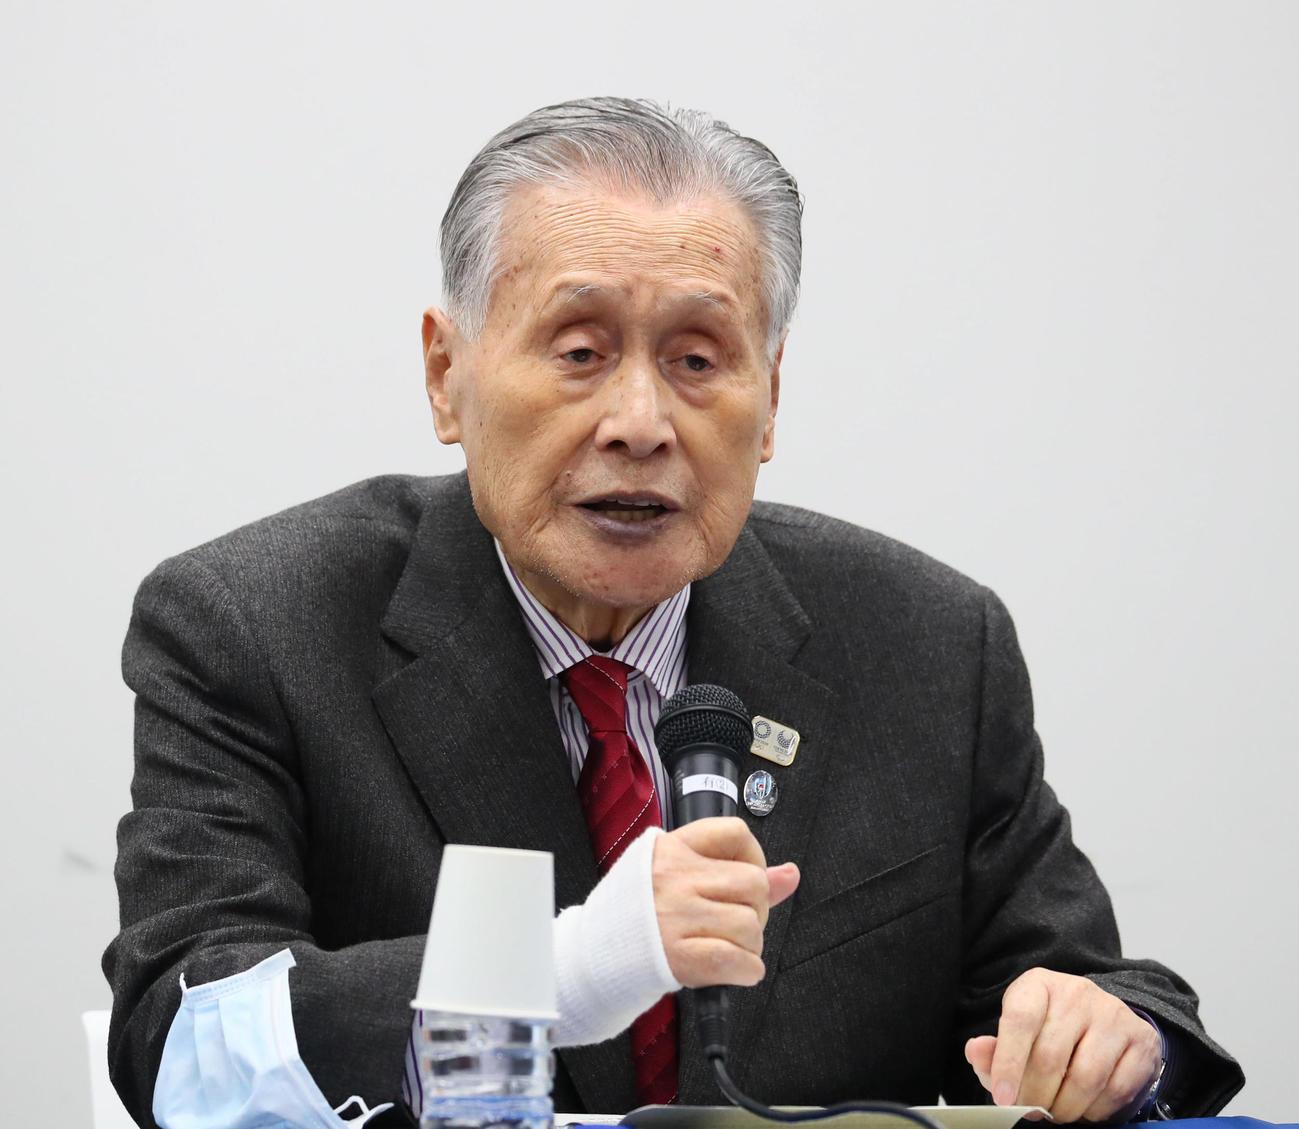 森 会長 年齢 森喜朗 - Wikipedia